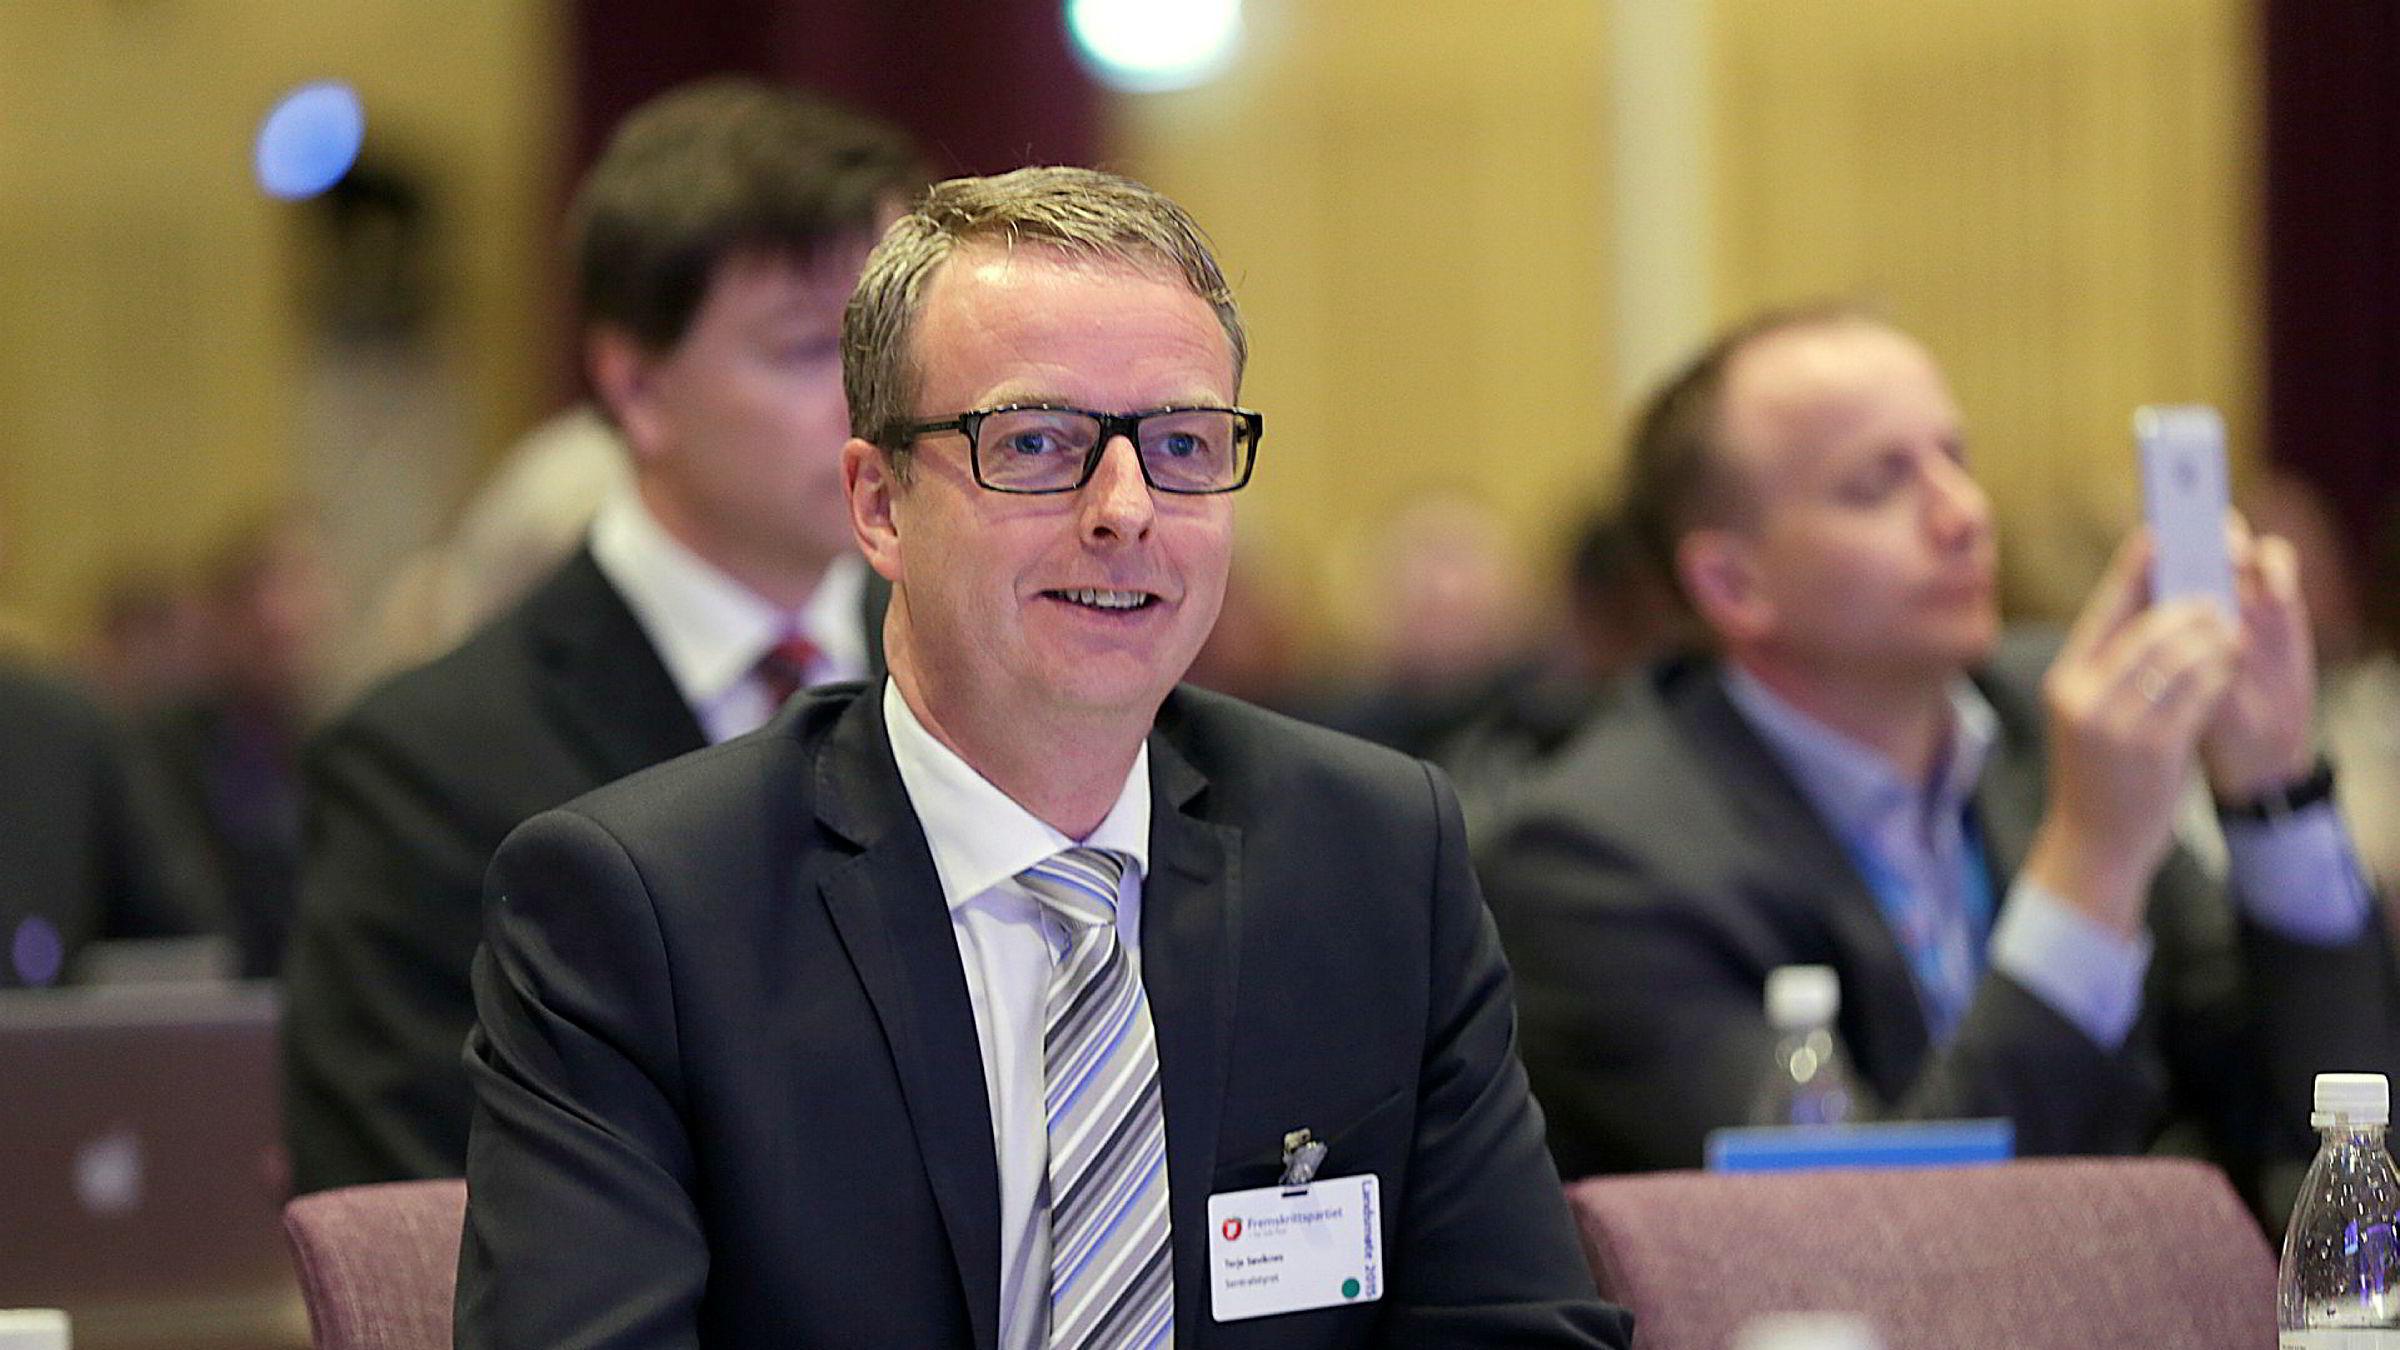 Ordfører i Os Terje Søviknes blir ny oljeminister.